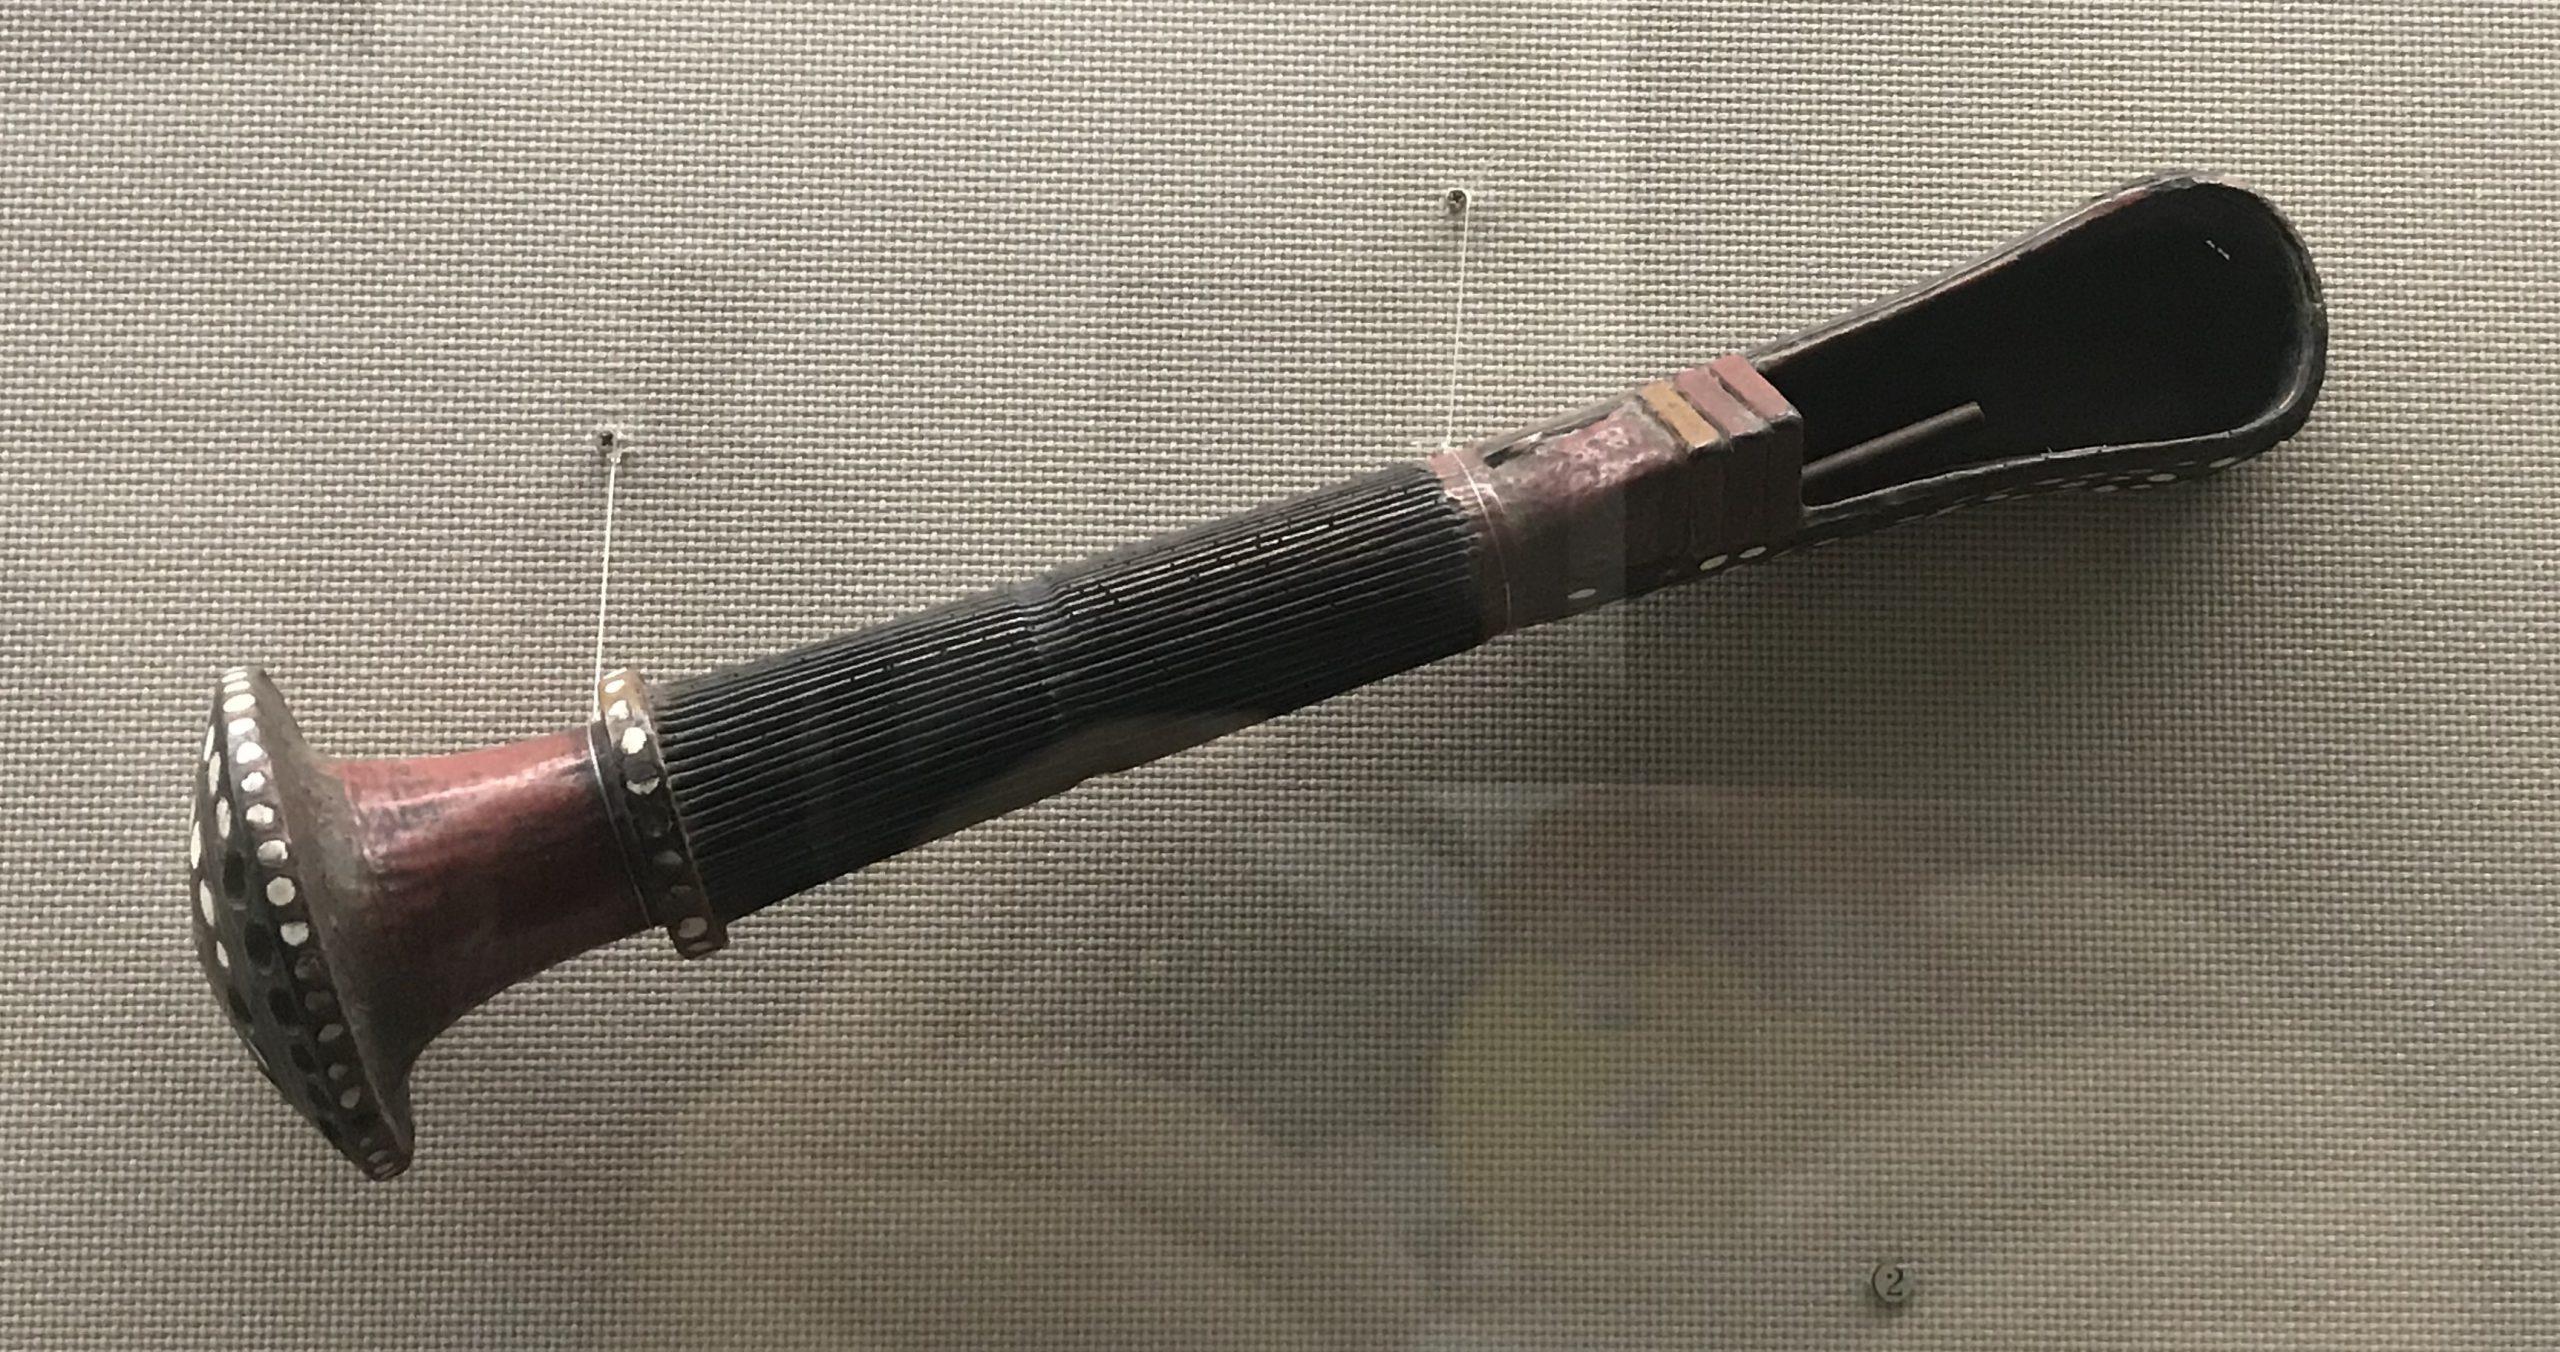 彩絵牛角号-竹箭筒-皮護臂-彜族漆器-四川民族文物館-四川博物館-成都